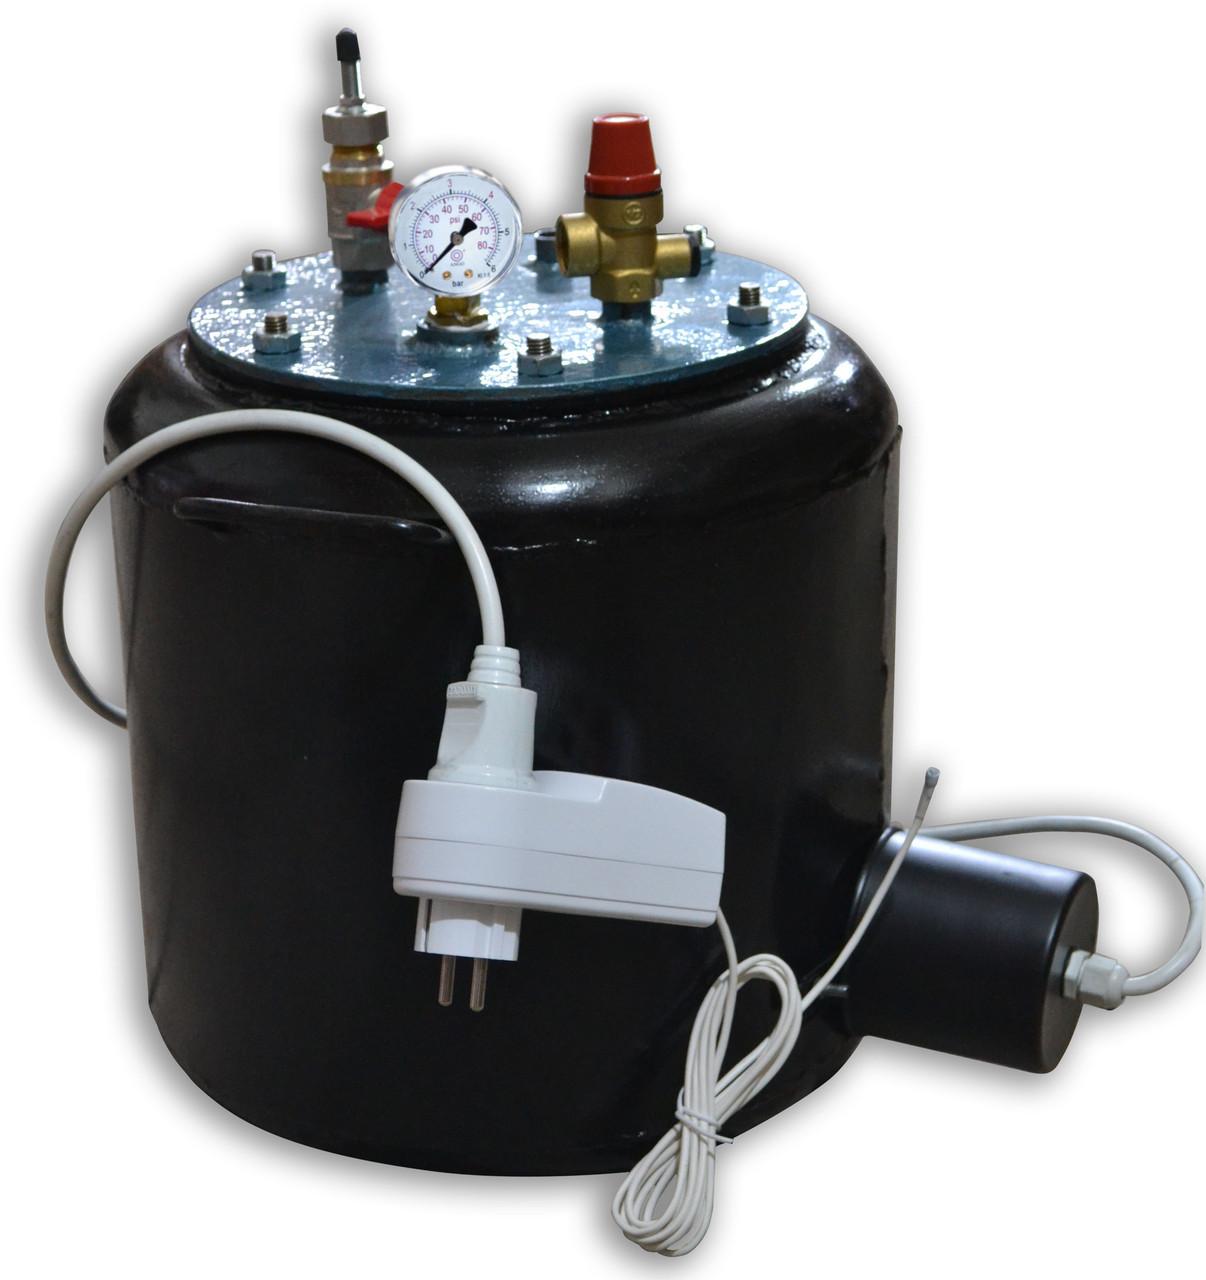 Купить автоклав электрический для домашнего консервирования в одессе самогонный аппарат эксклюзив